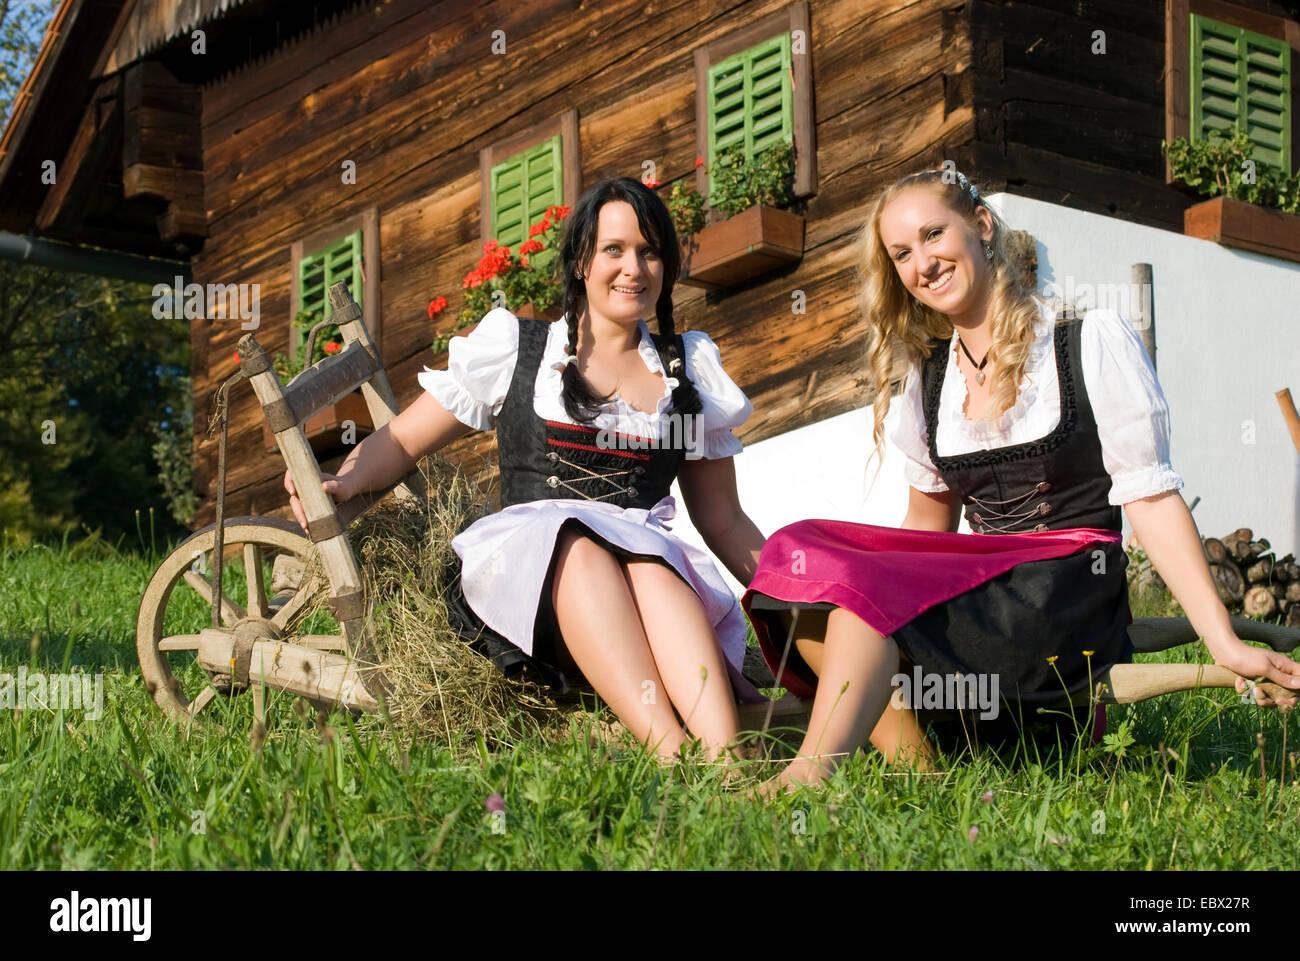 Bilder Zu Frauen österreich